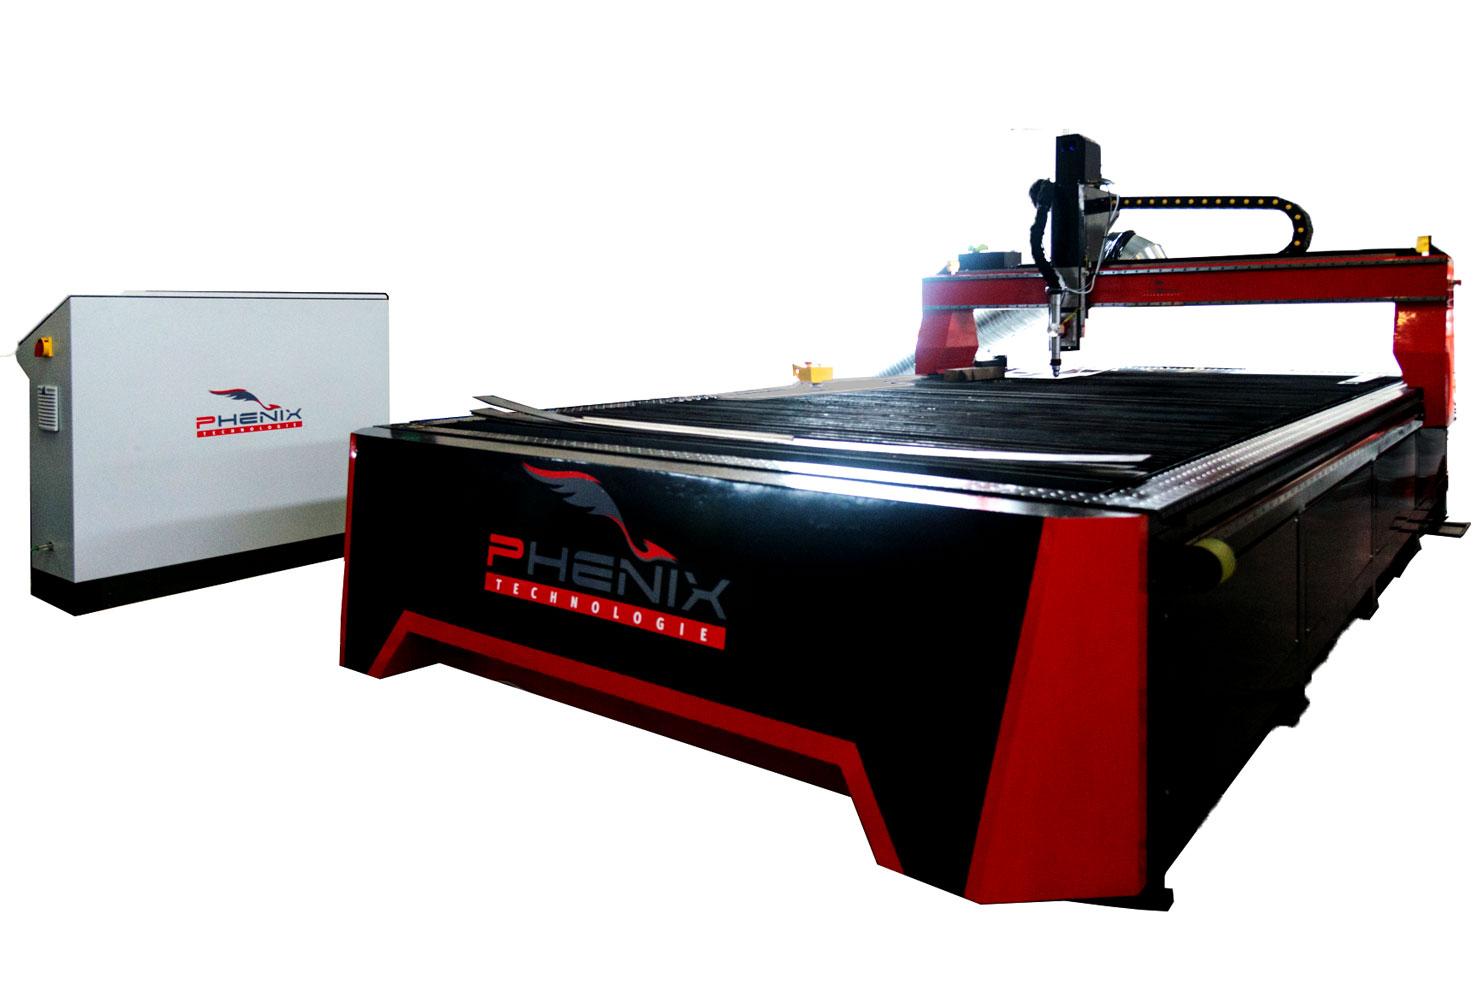 MDCUT cutting machine - MD Cut Plasma cutting machine